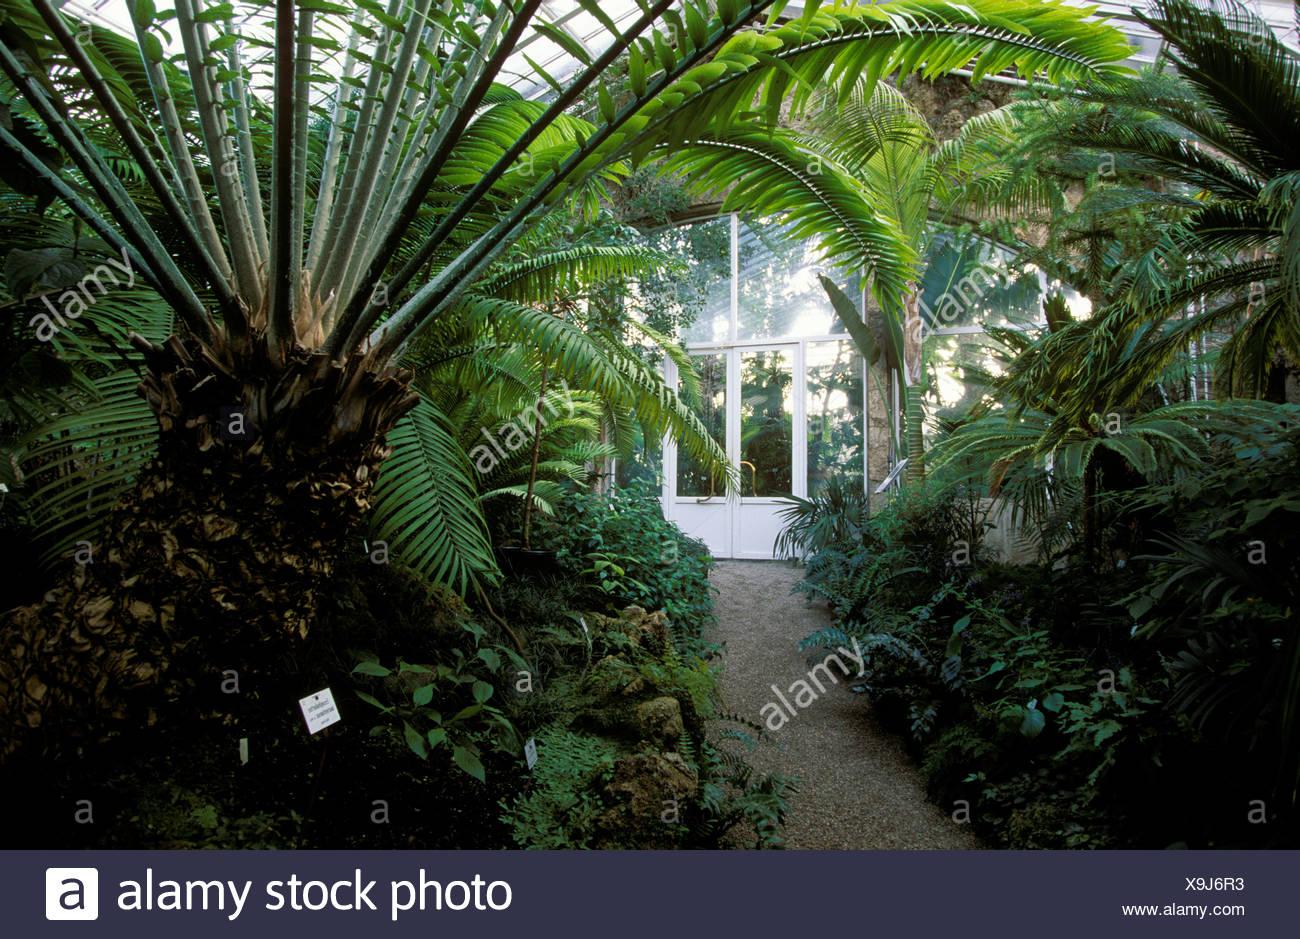 Palm glasshouse, Botanical Garden, Munich, Bavaria, Germany, Europe - Stock Image